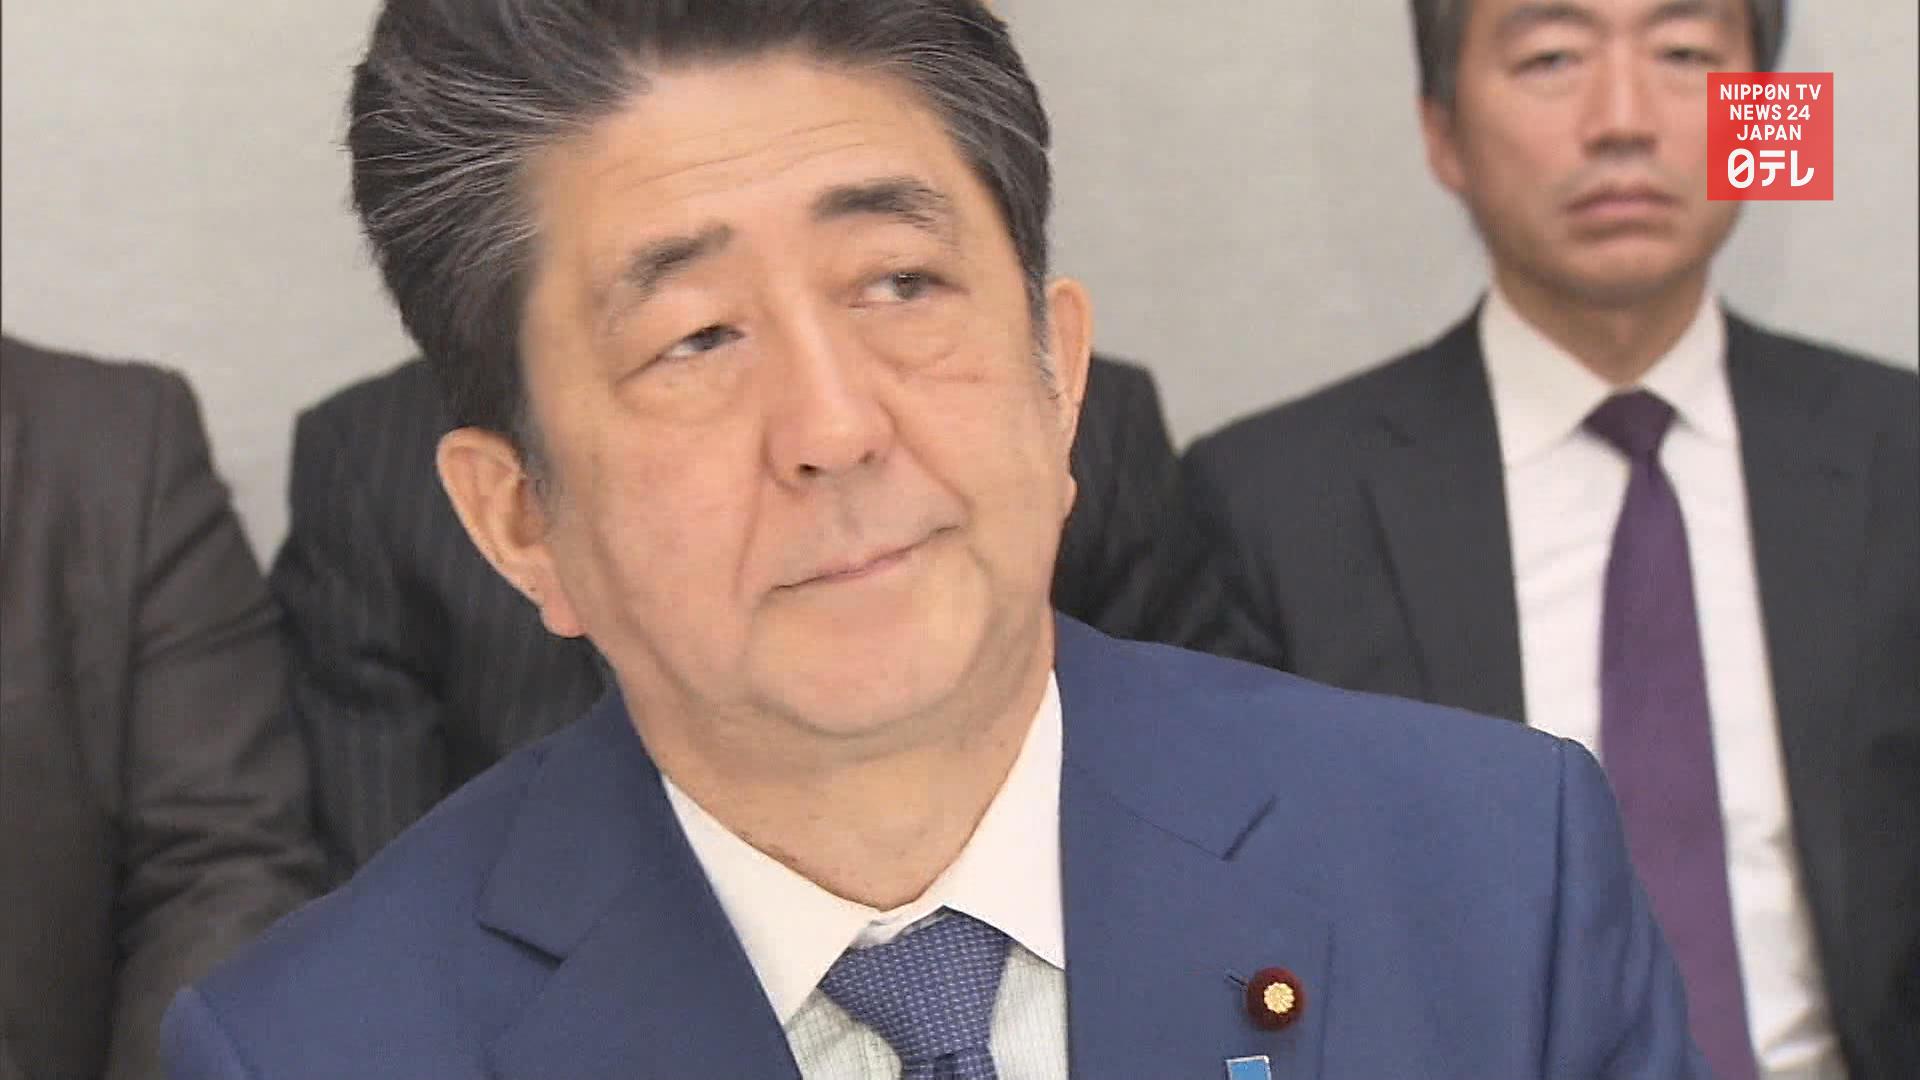 CORONAVIRUS: Tokyo has 47 new cases